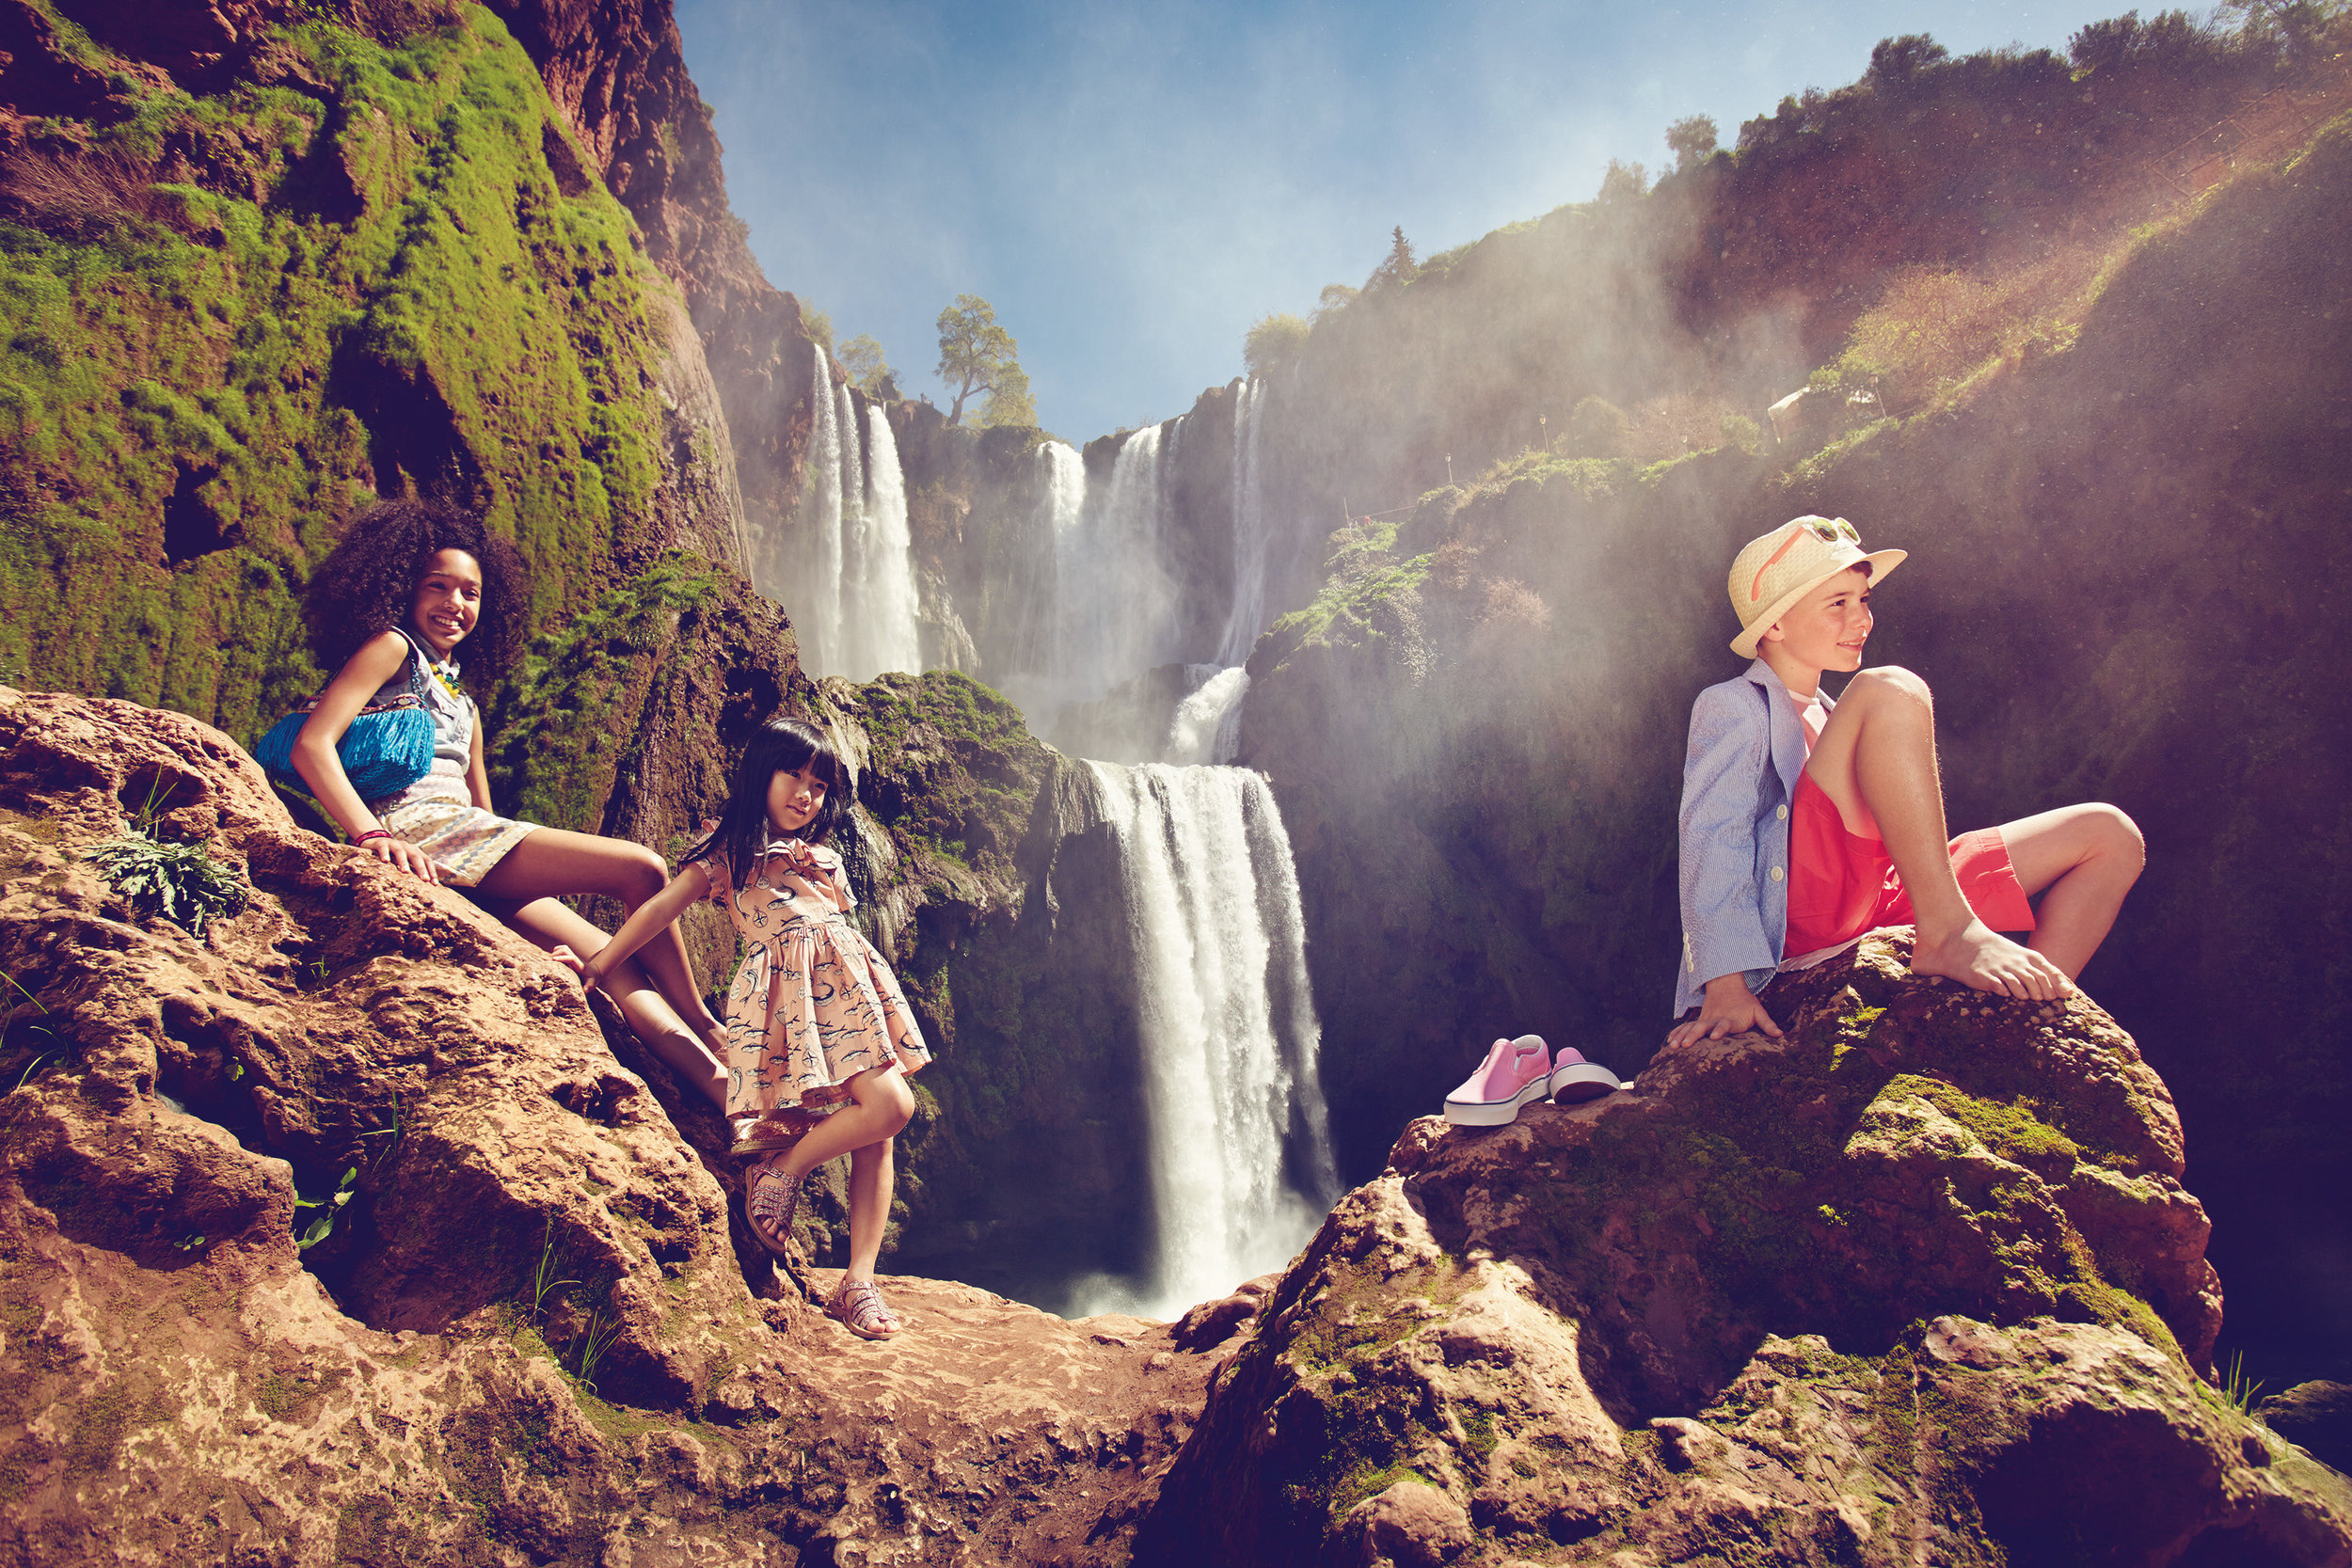 Ilve Little - kids by waterfall